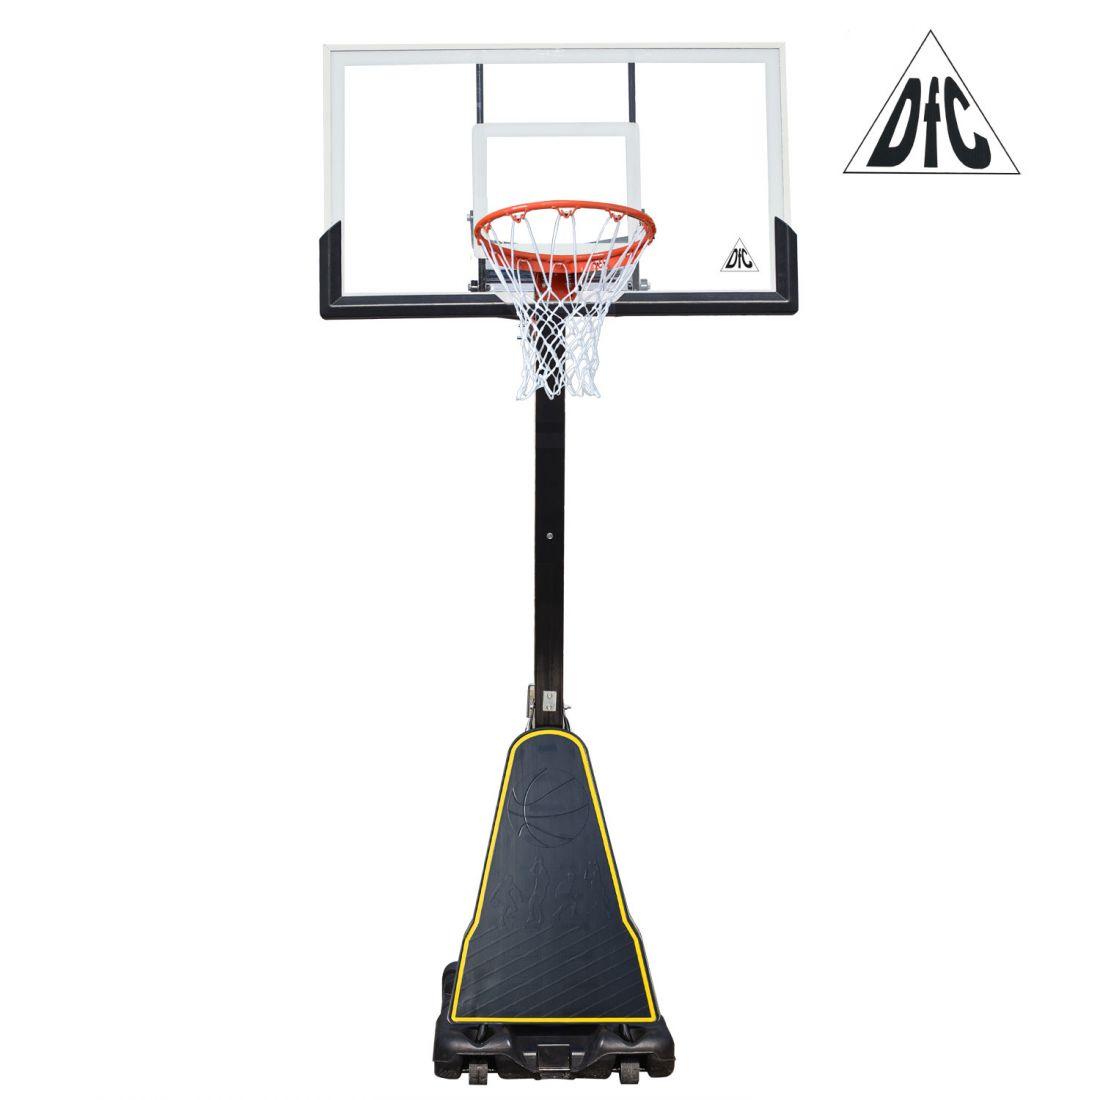 Мобильная баскетбольная стойка 54 DFC STAND54P2